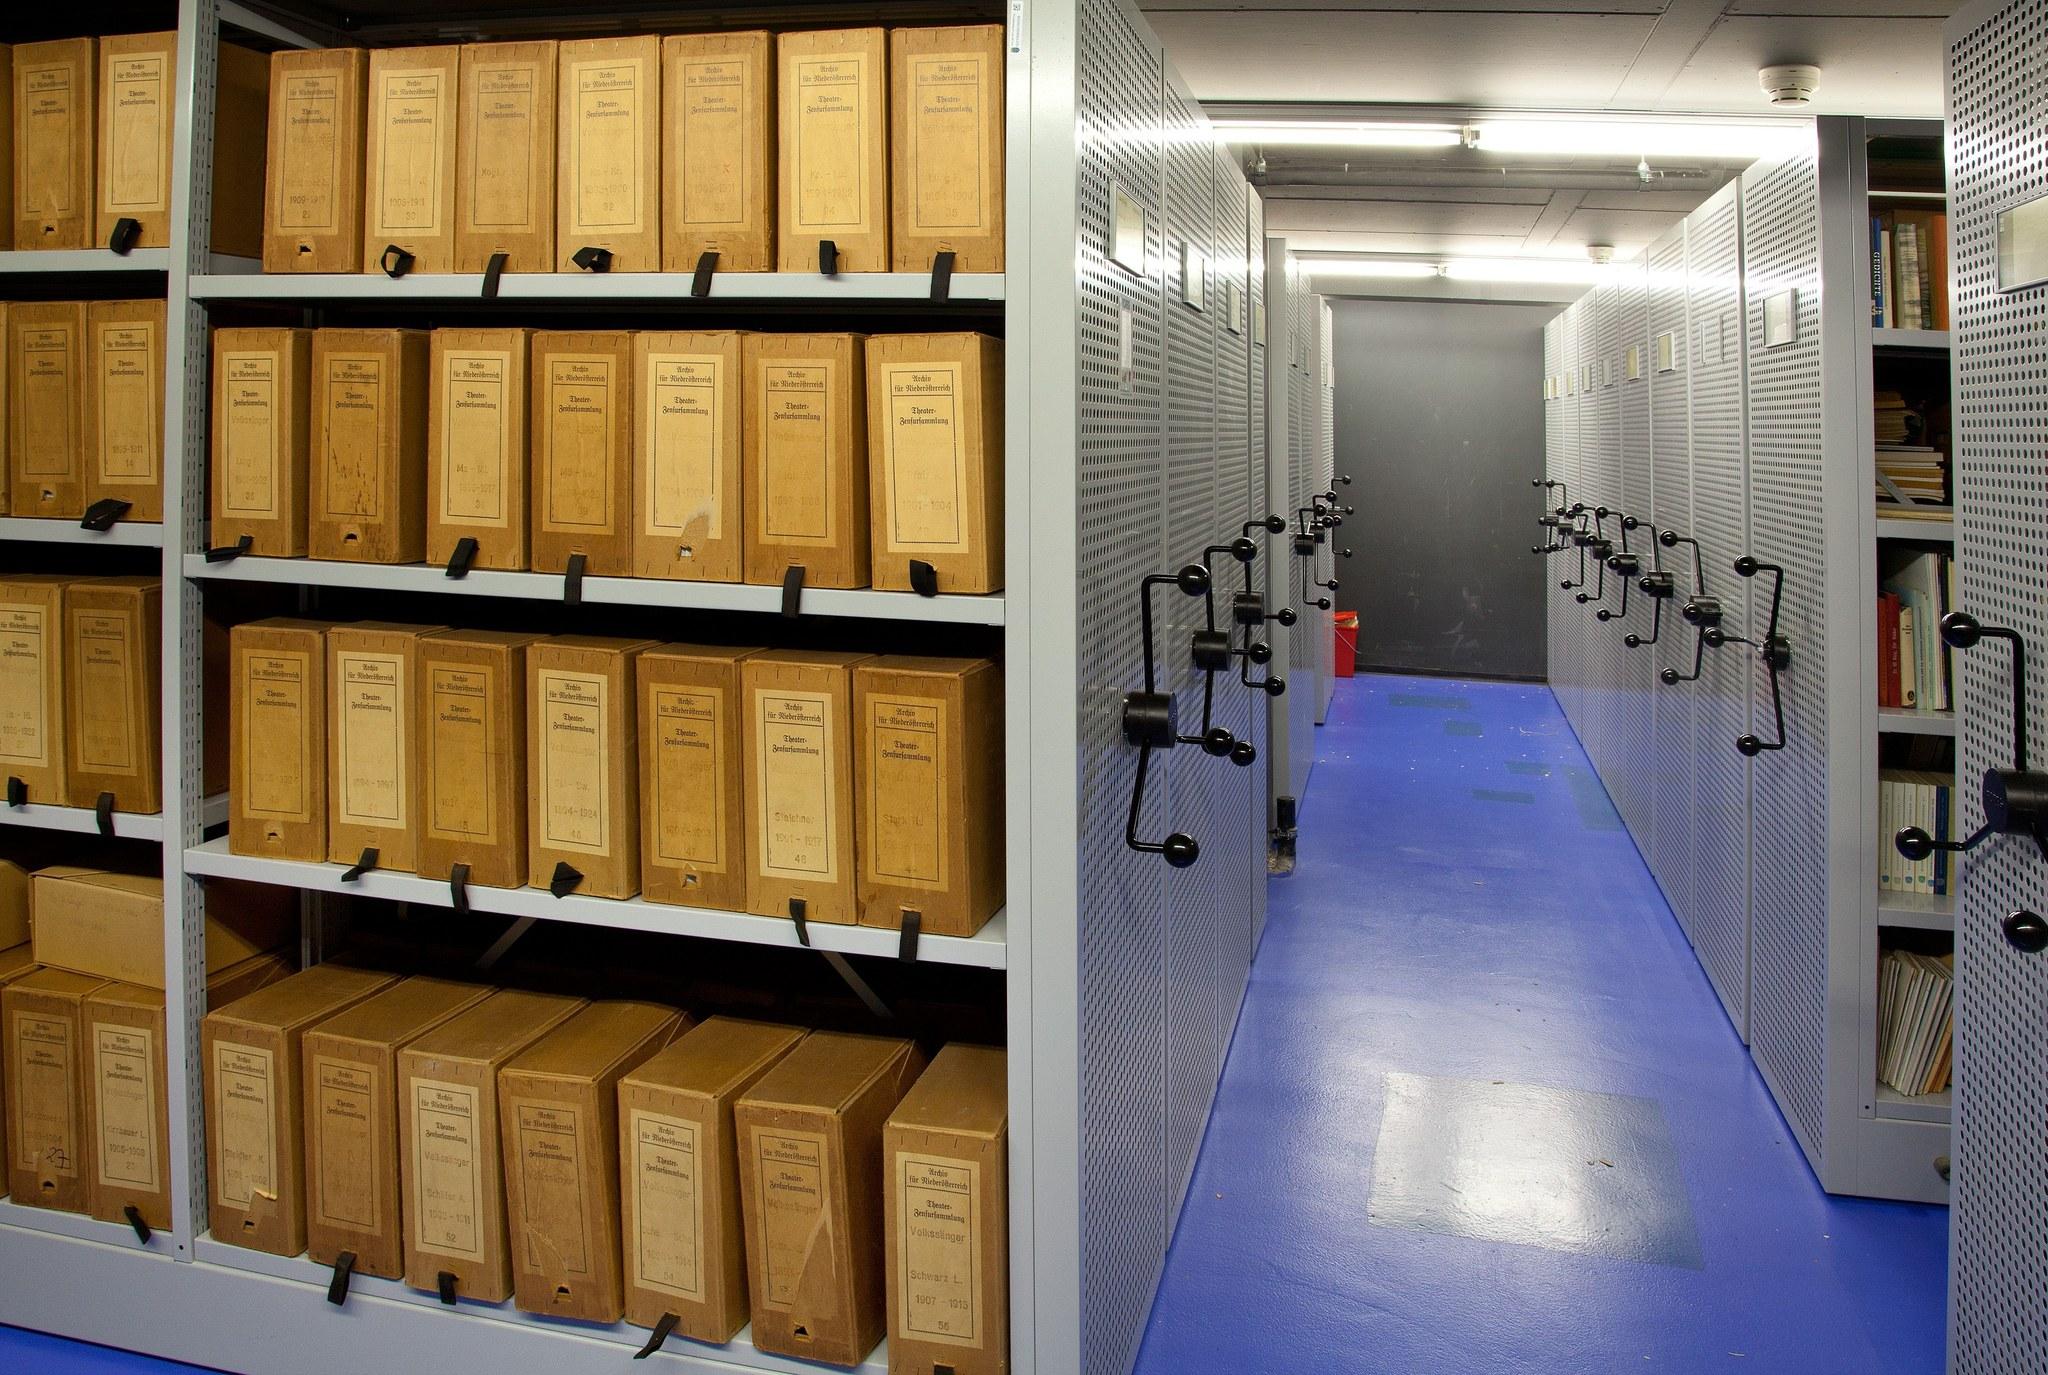 Archiv © Amt der NÖ Landesregierung, Abteilung NÖ Landesarchiv und NÖ Landesbibliothek